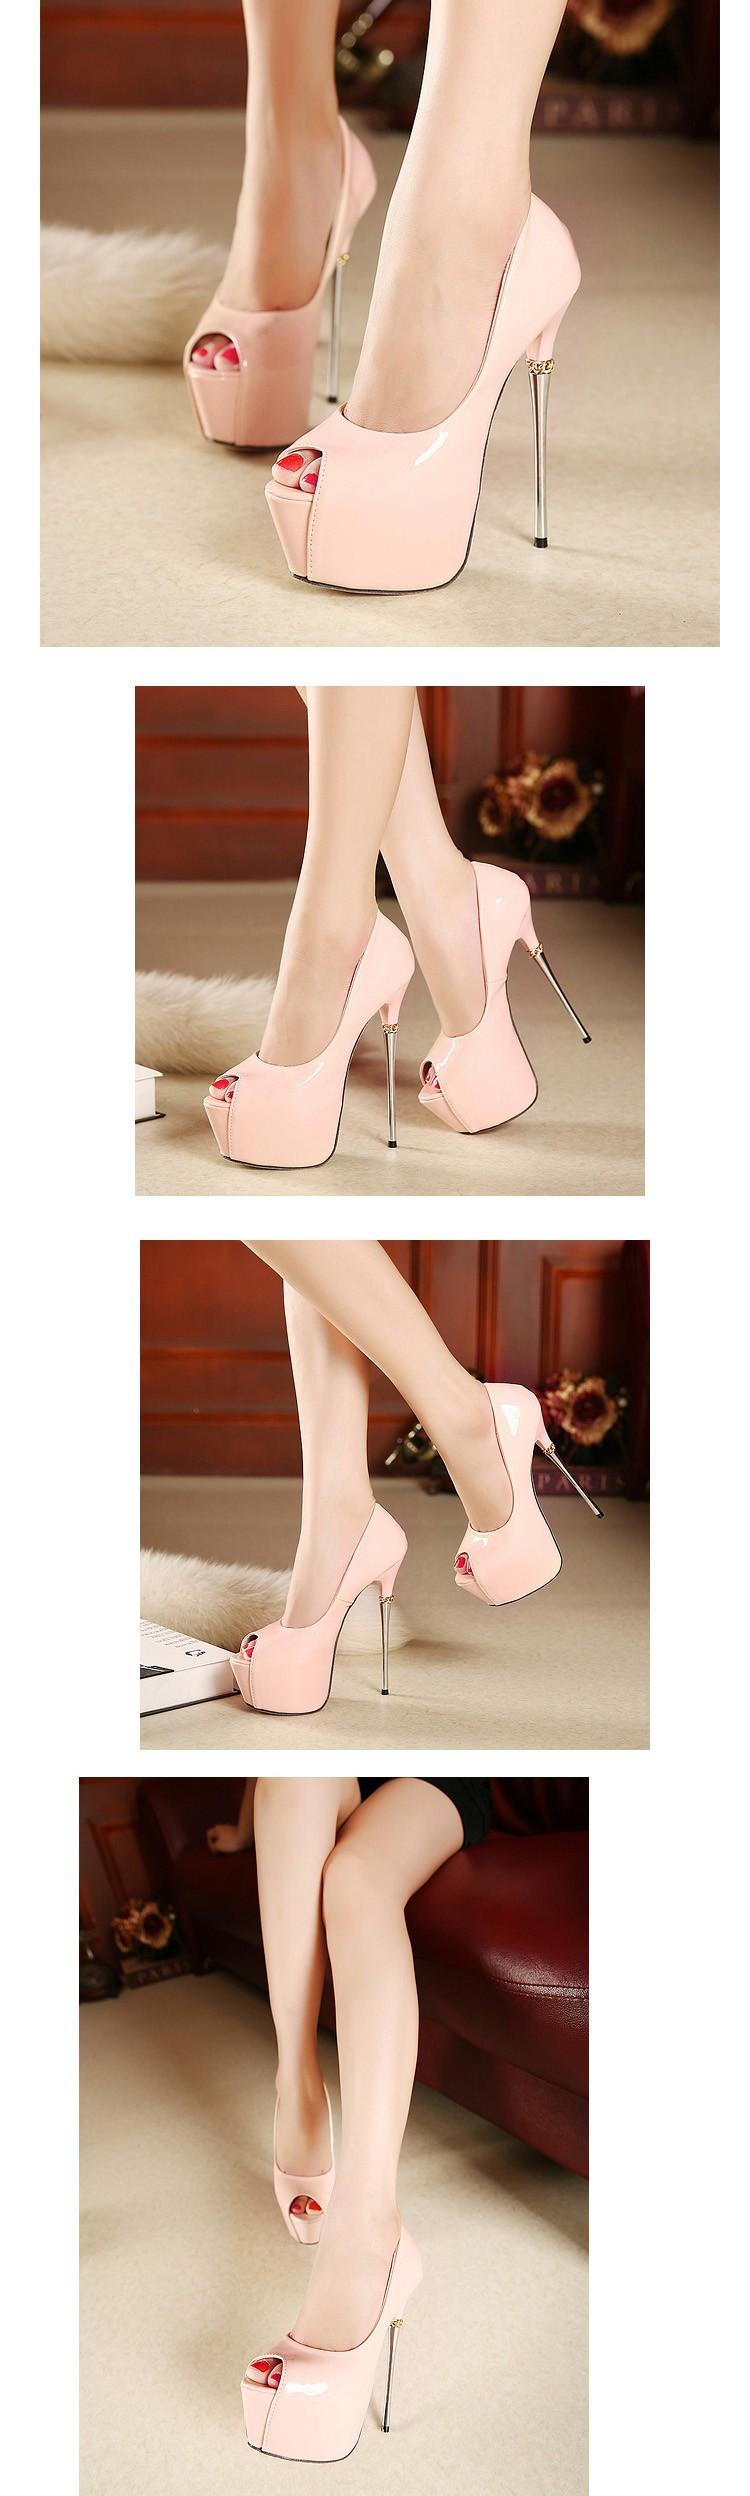 Giày cưới màu trắng 16 cm cực cao gót giày bên Bơm Giày Cao Gót gót ... 855b6ed5f8a9